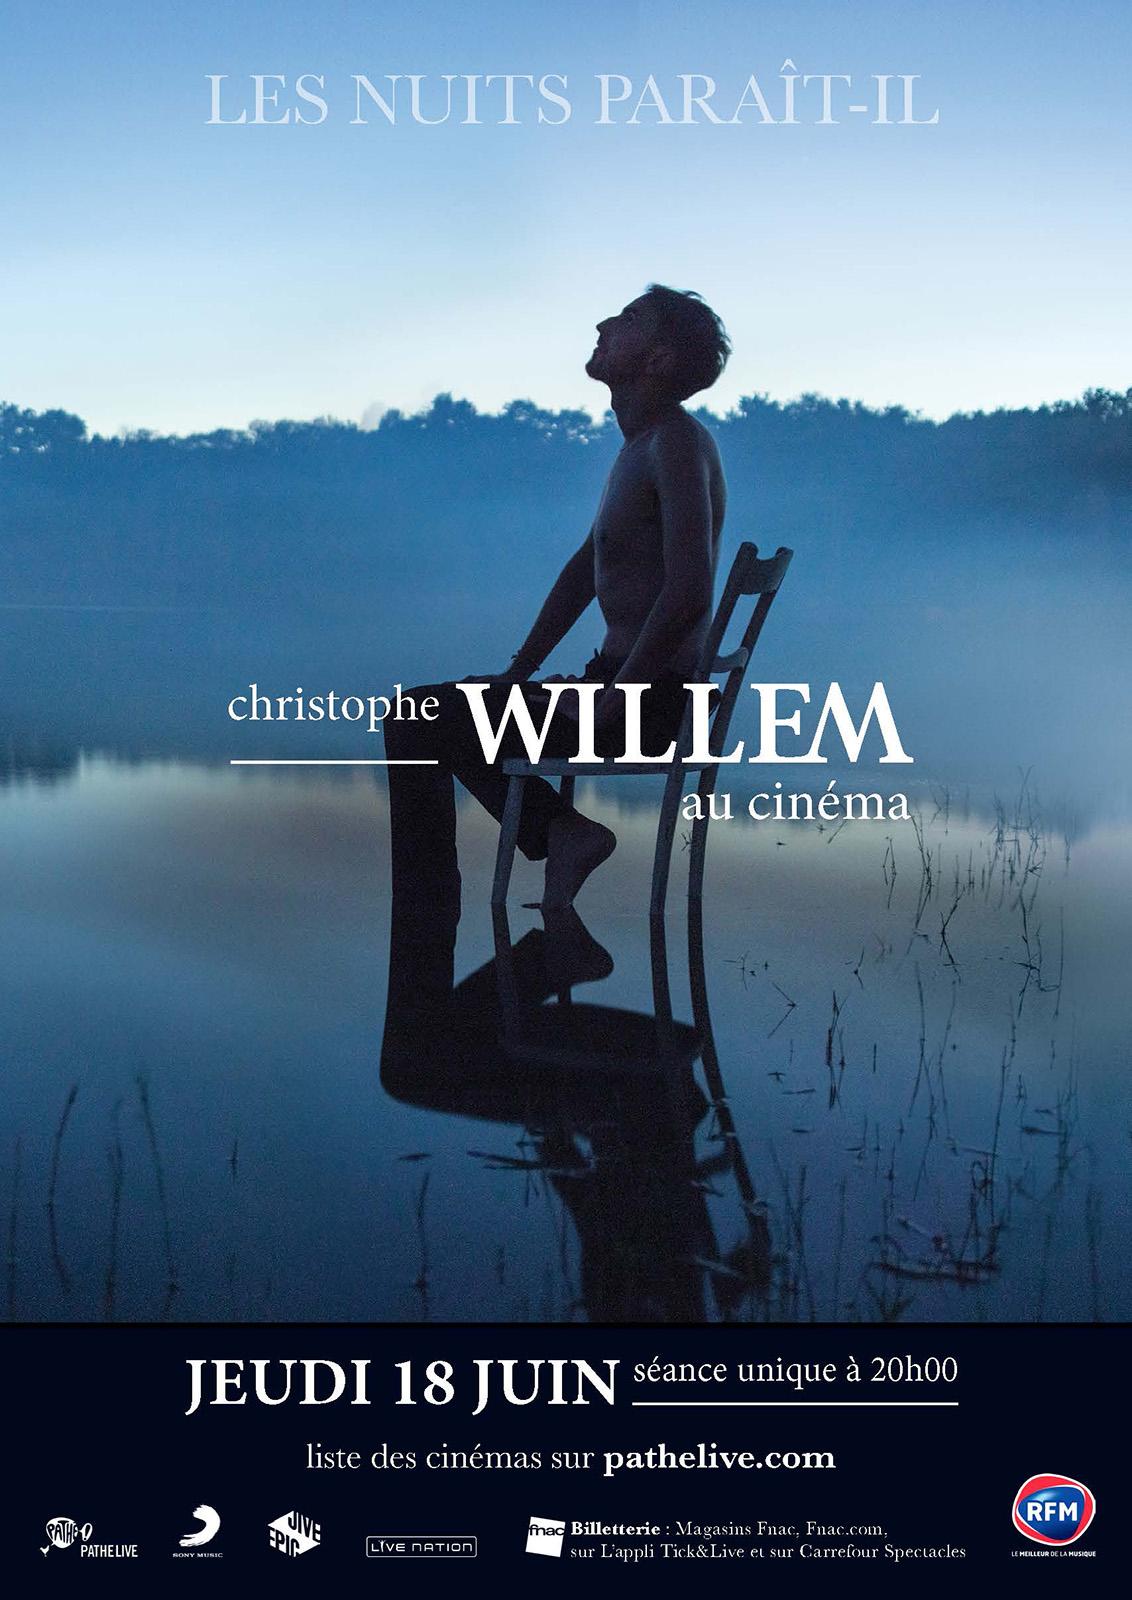 Christophe Willem (Pathé Live)